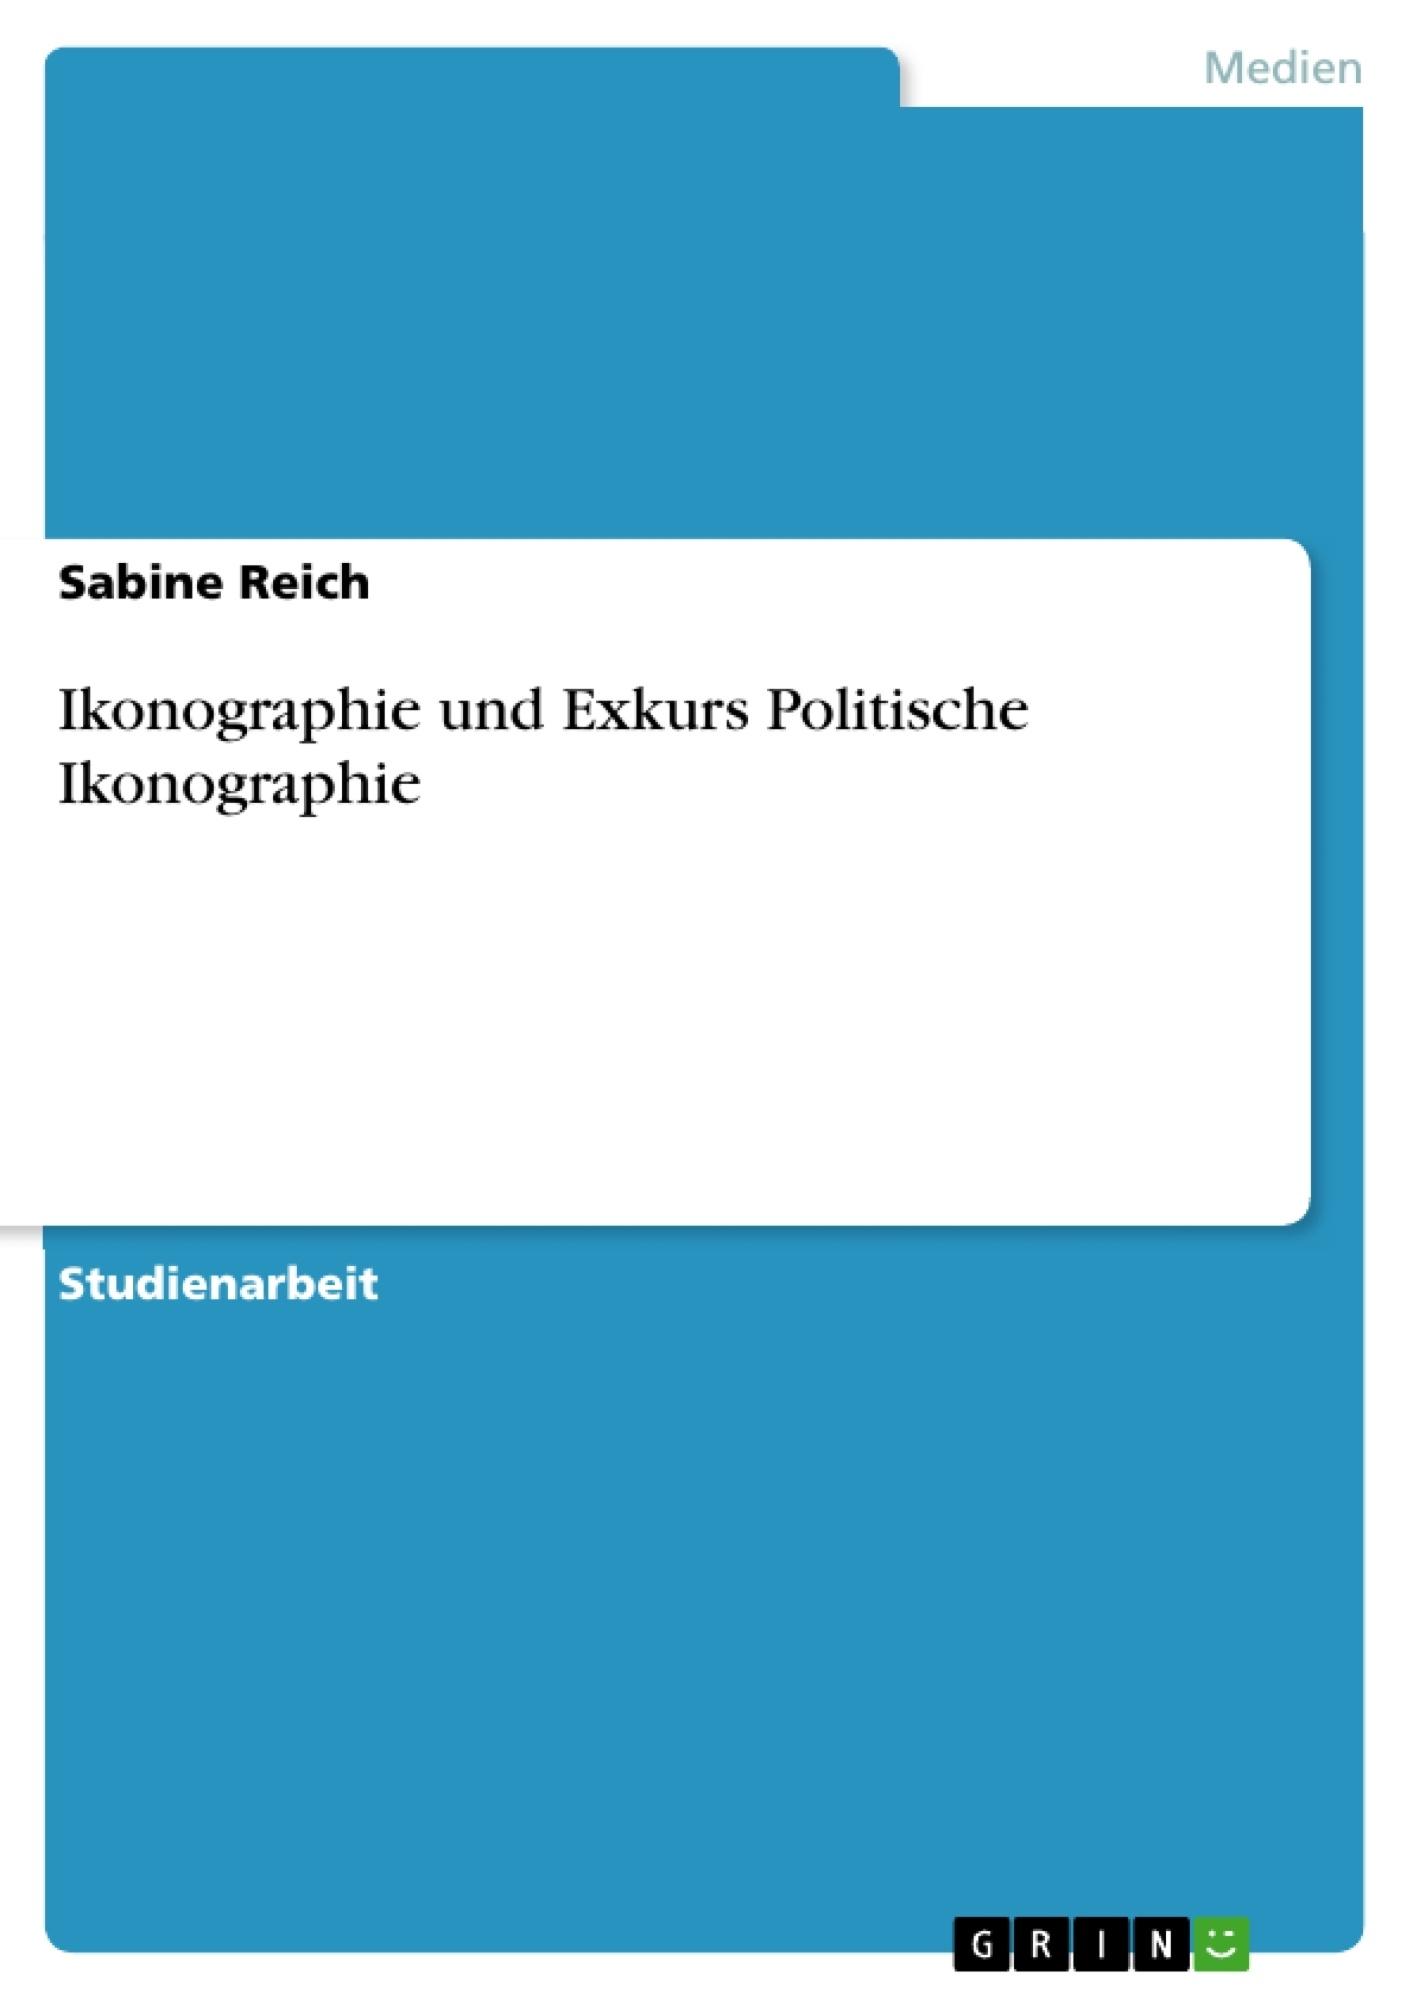 Titel: Ikonographie und Exkurs Politische Ikonographie